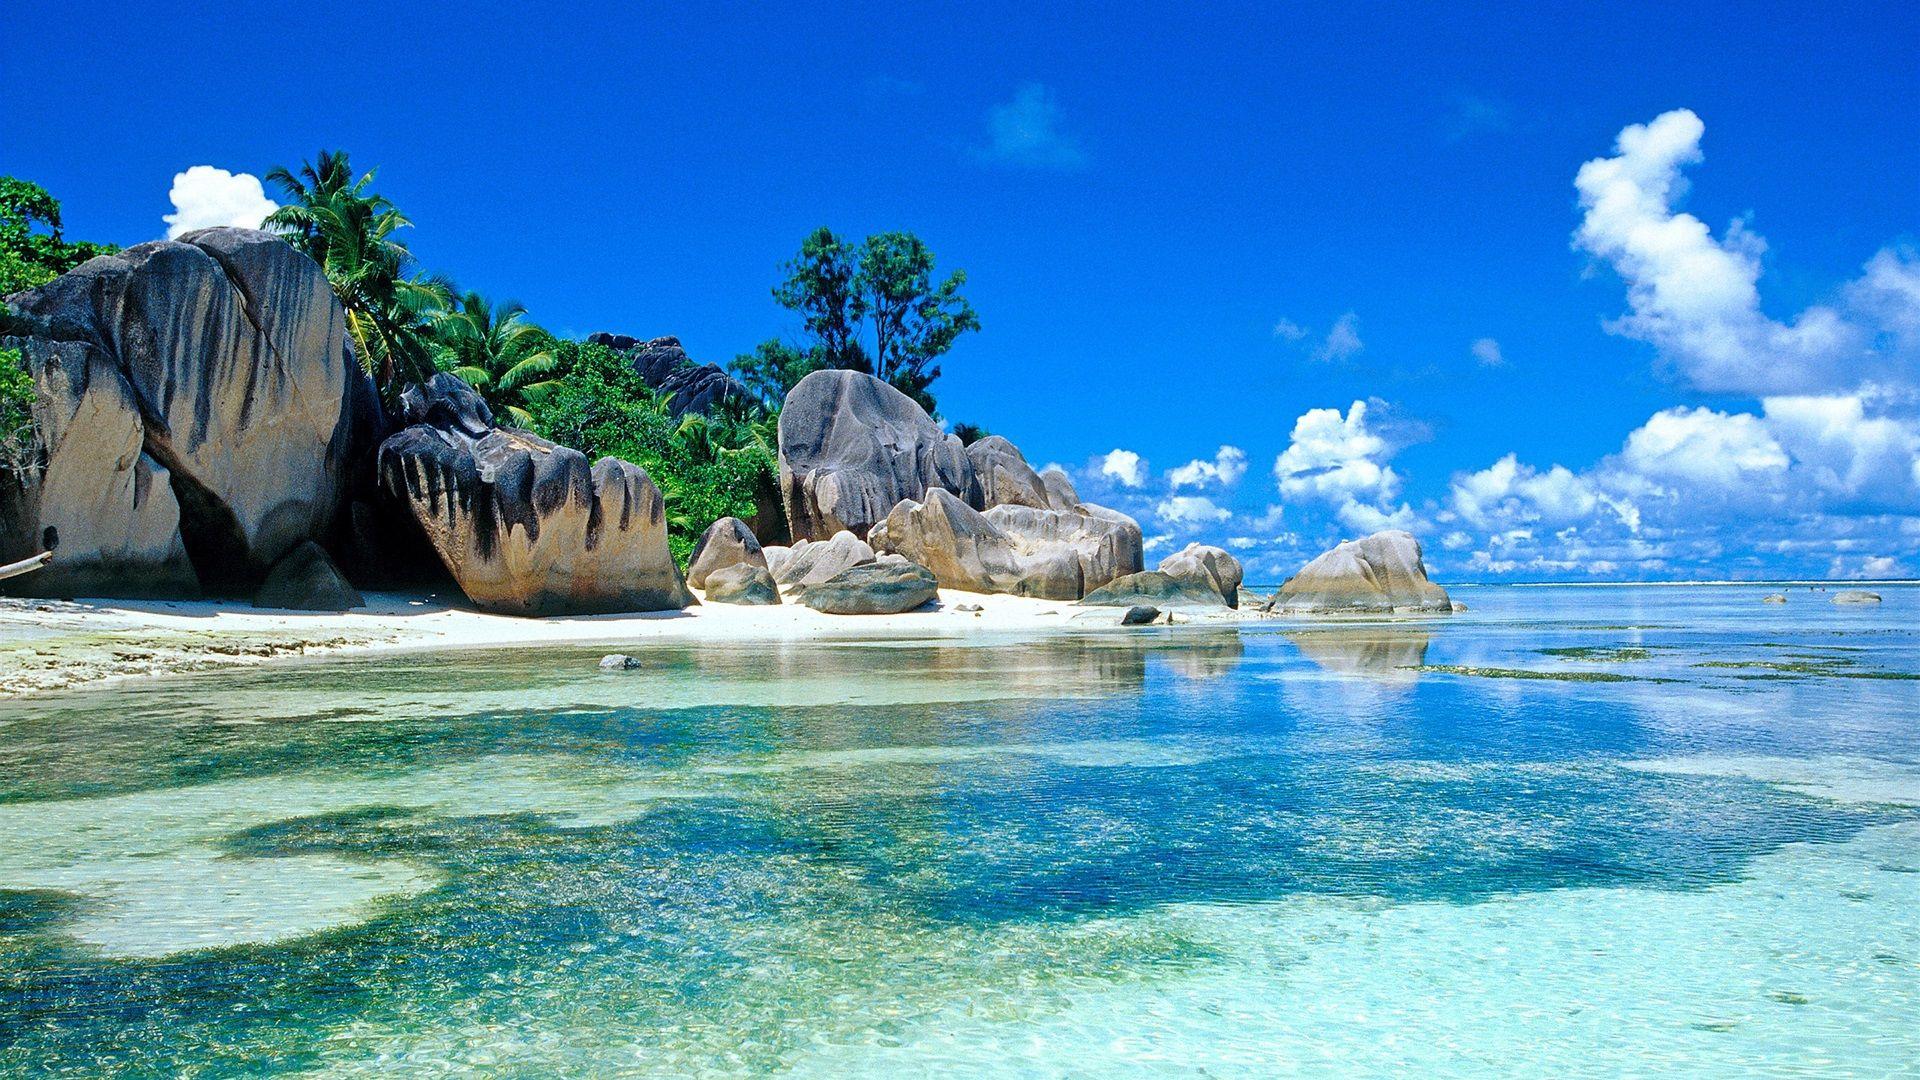 熱帯 海 岩 ビーチ ヤシの木 空 雲 壁紙 19x1080 壁紙ダウンロード ビーチ 国立公園 綺麗な景色